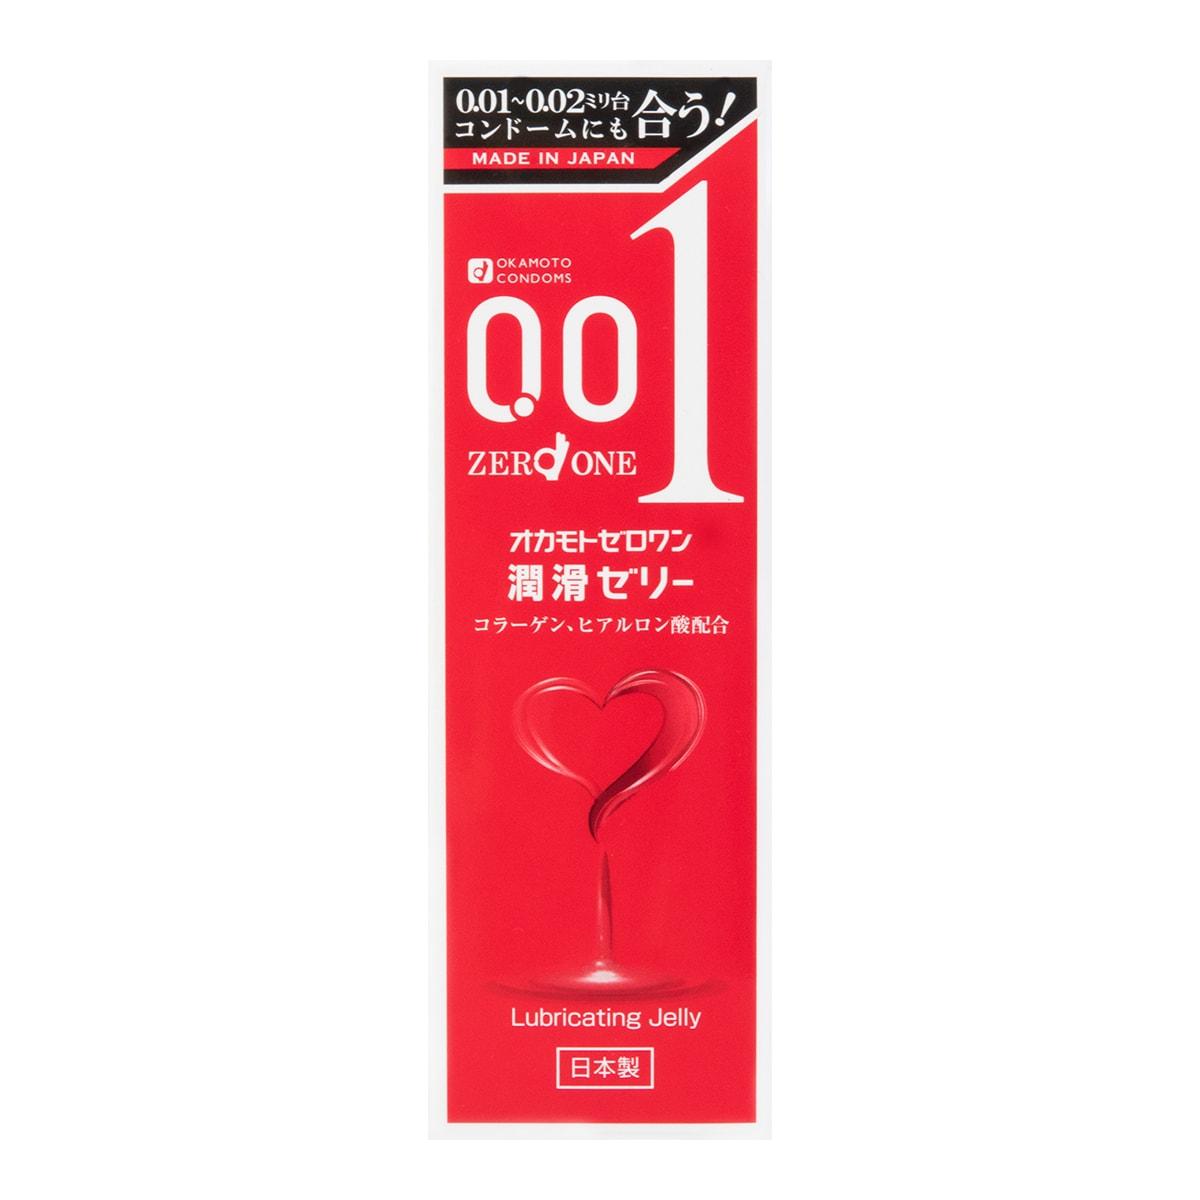 成人用品 日本OKAMOTO冈本 001透明酸质水溶性润滑液 50g